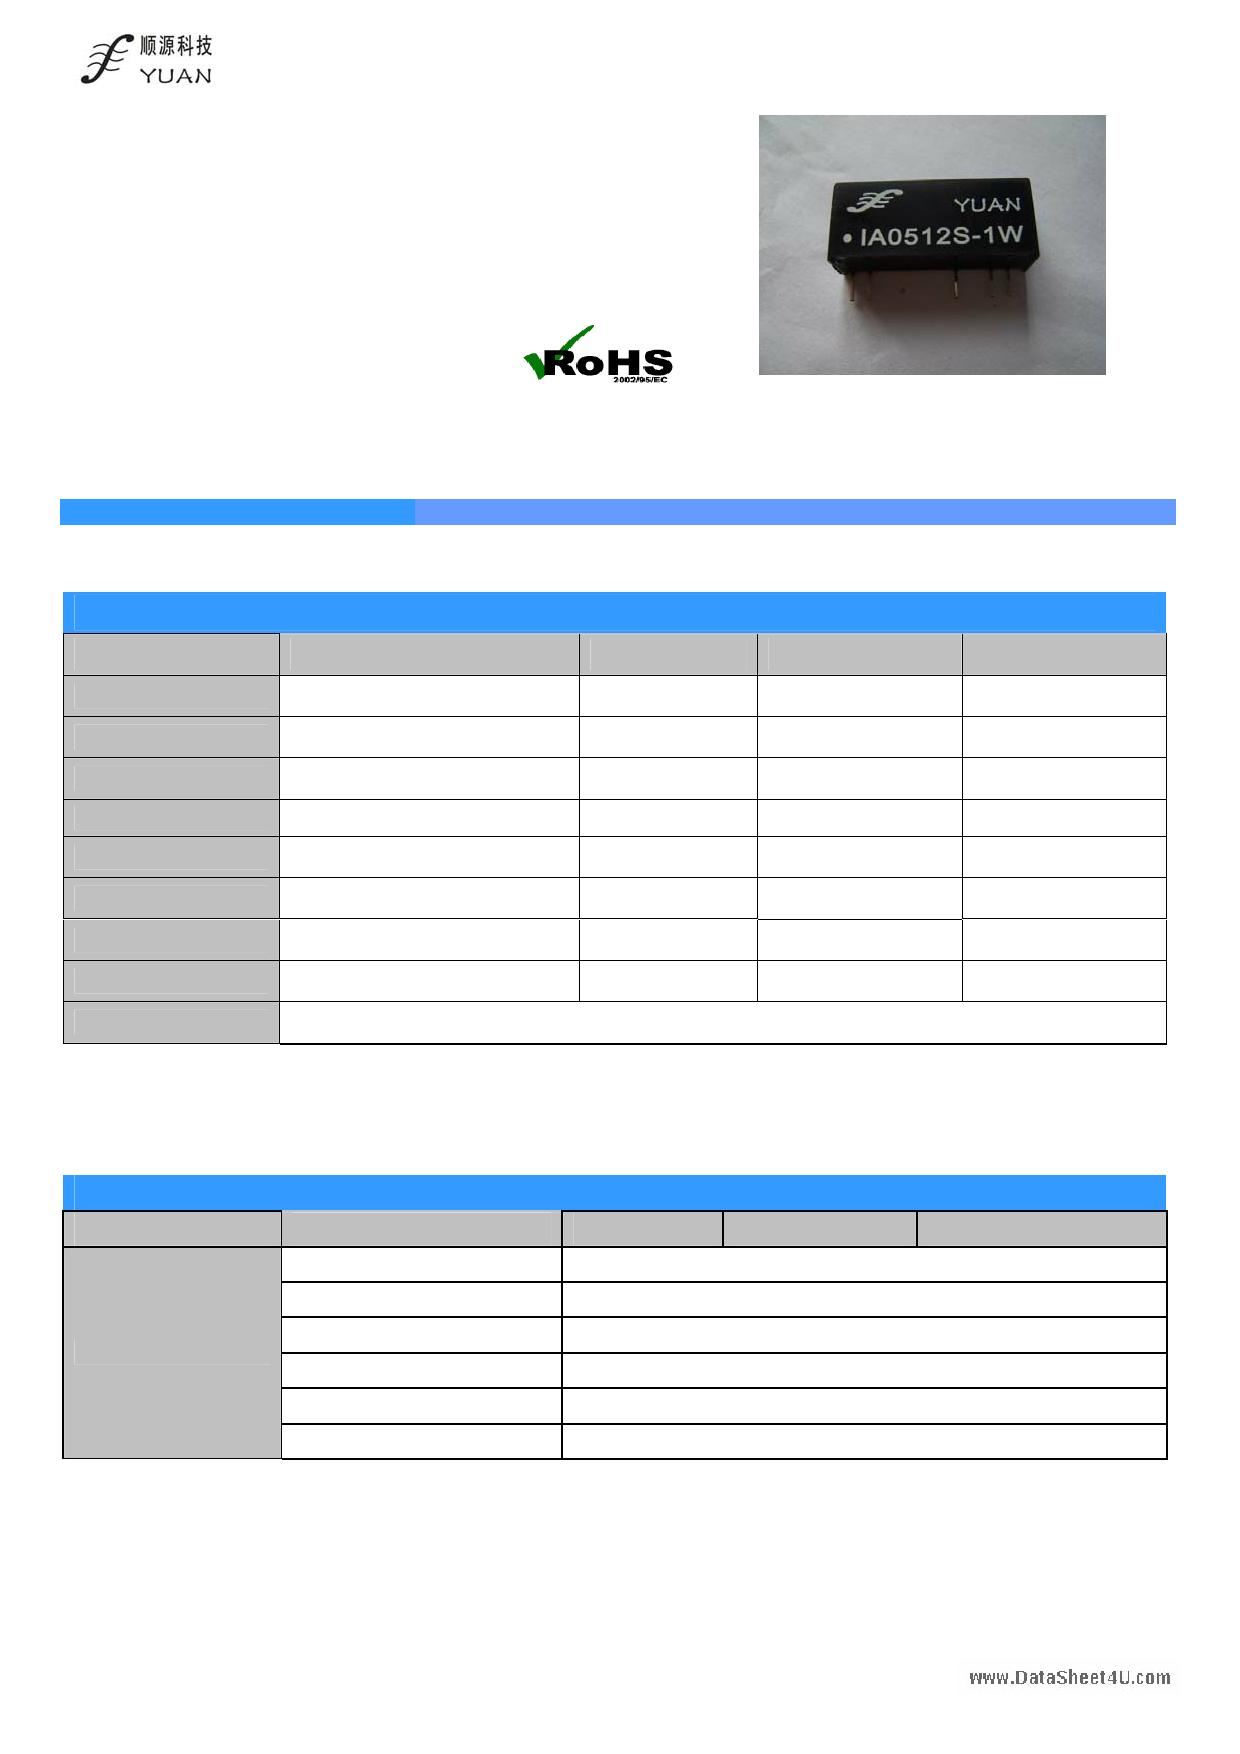 IA24xxS-1W دیتاشیت PDF